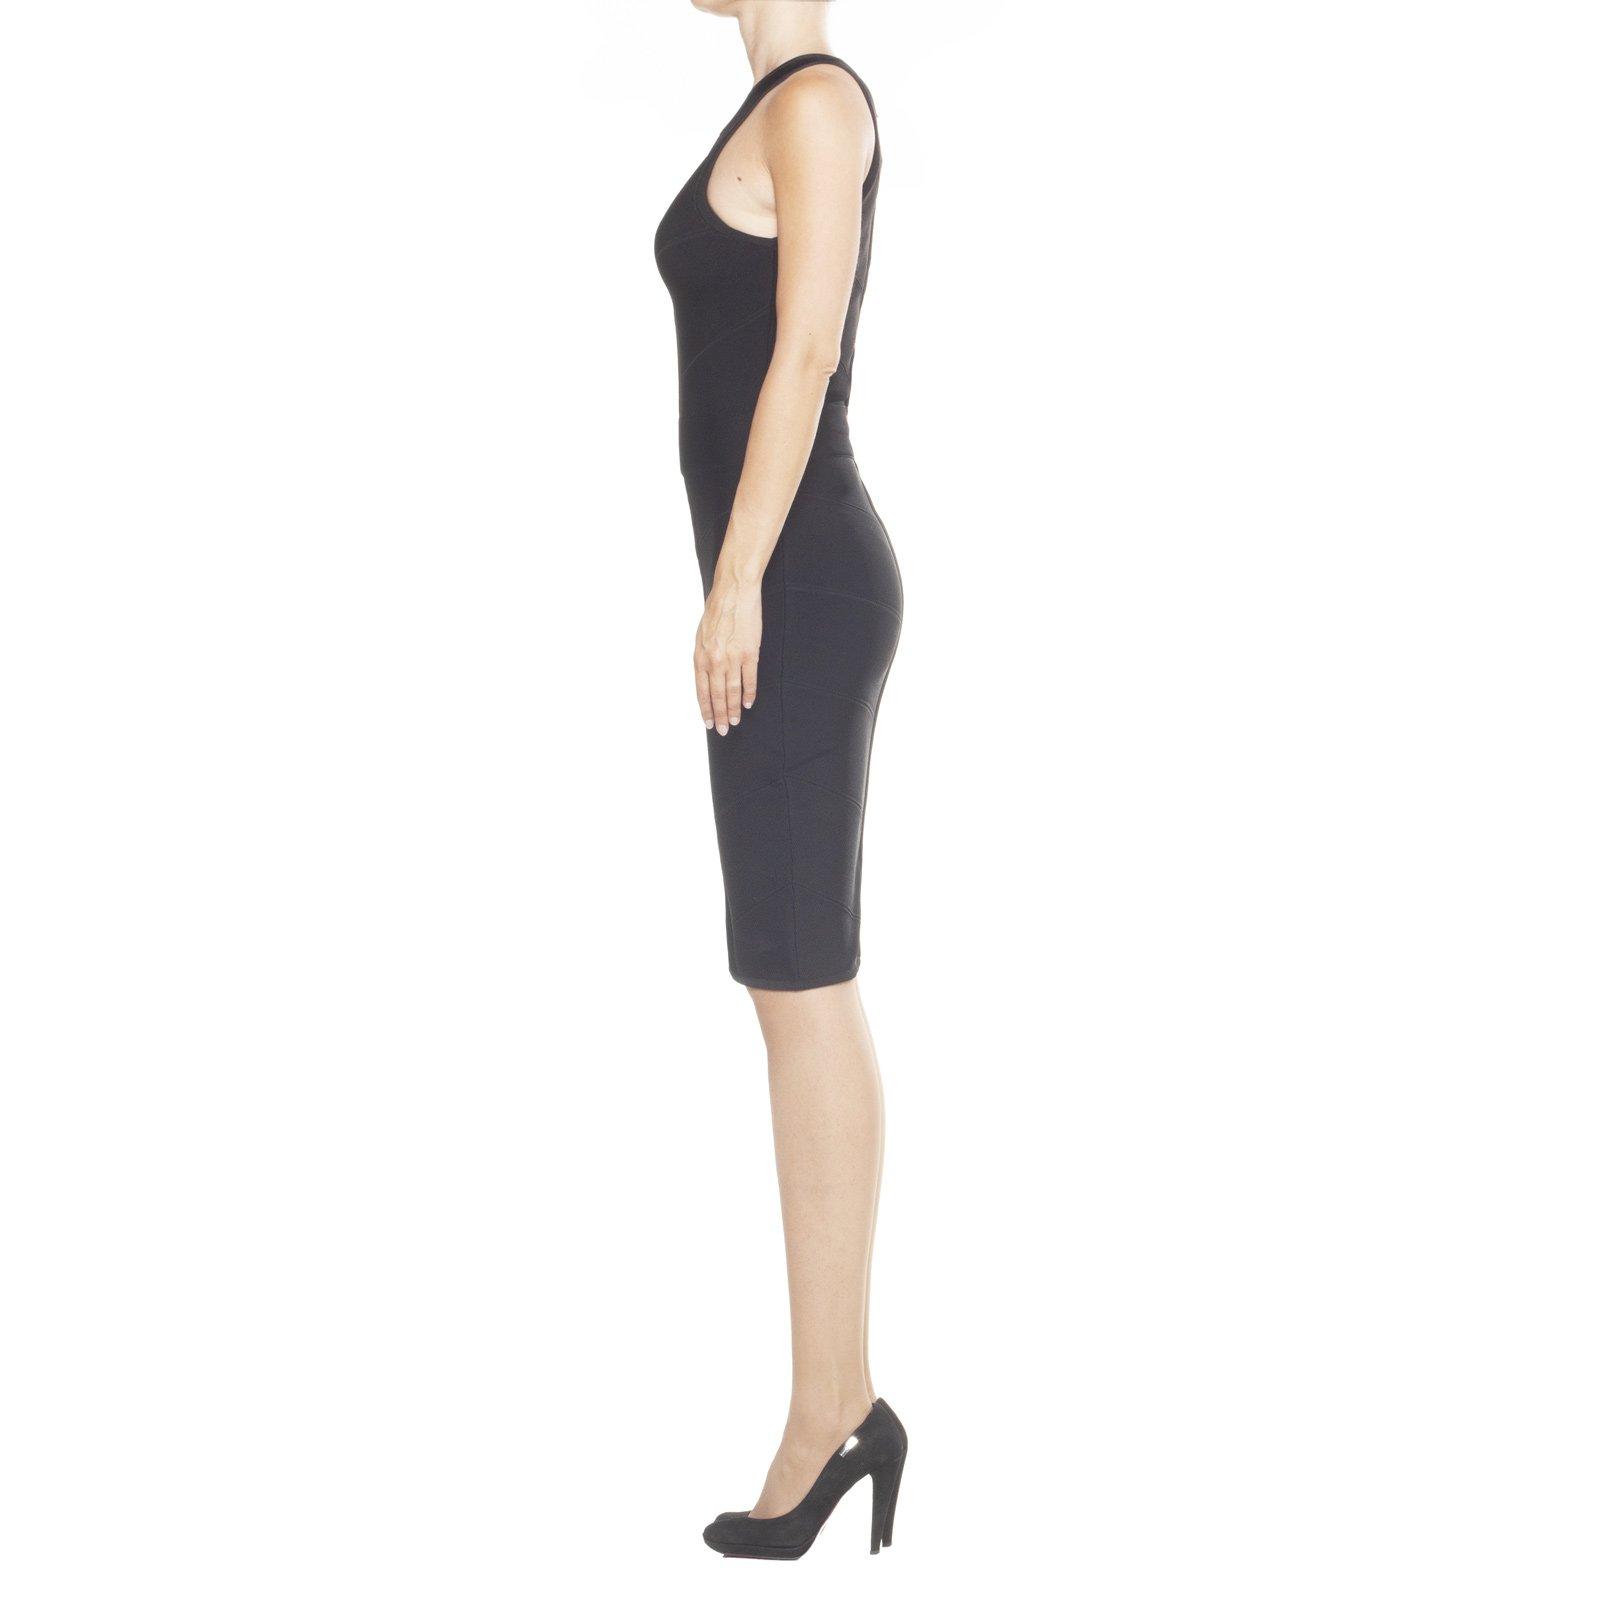 GUESS by Marciano, vestito nero, vestito senza maniche, vestito donna nero elasticizzato, abito tubino, applicazioni,